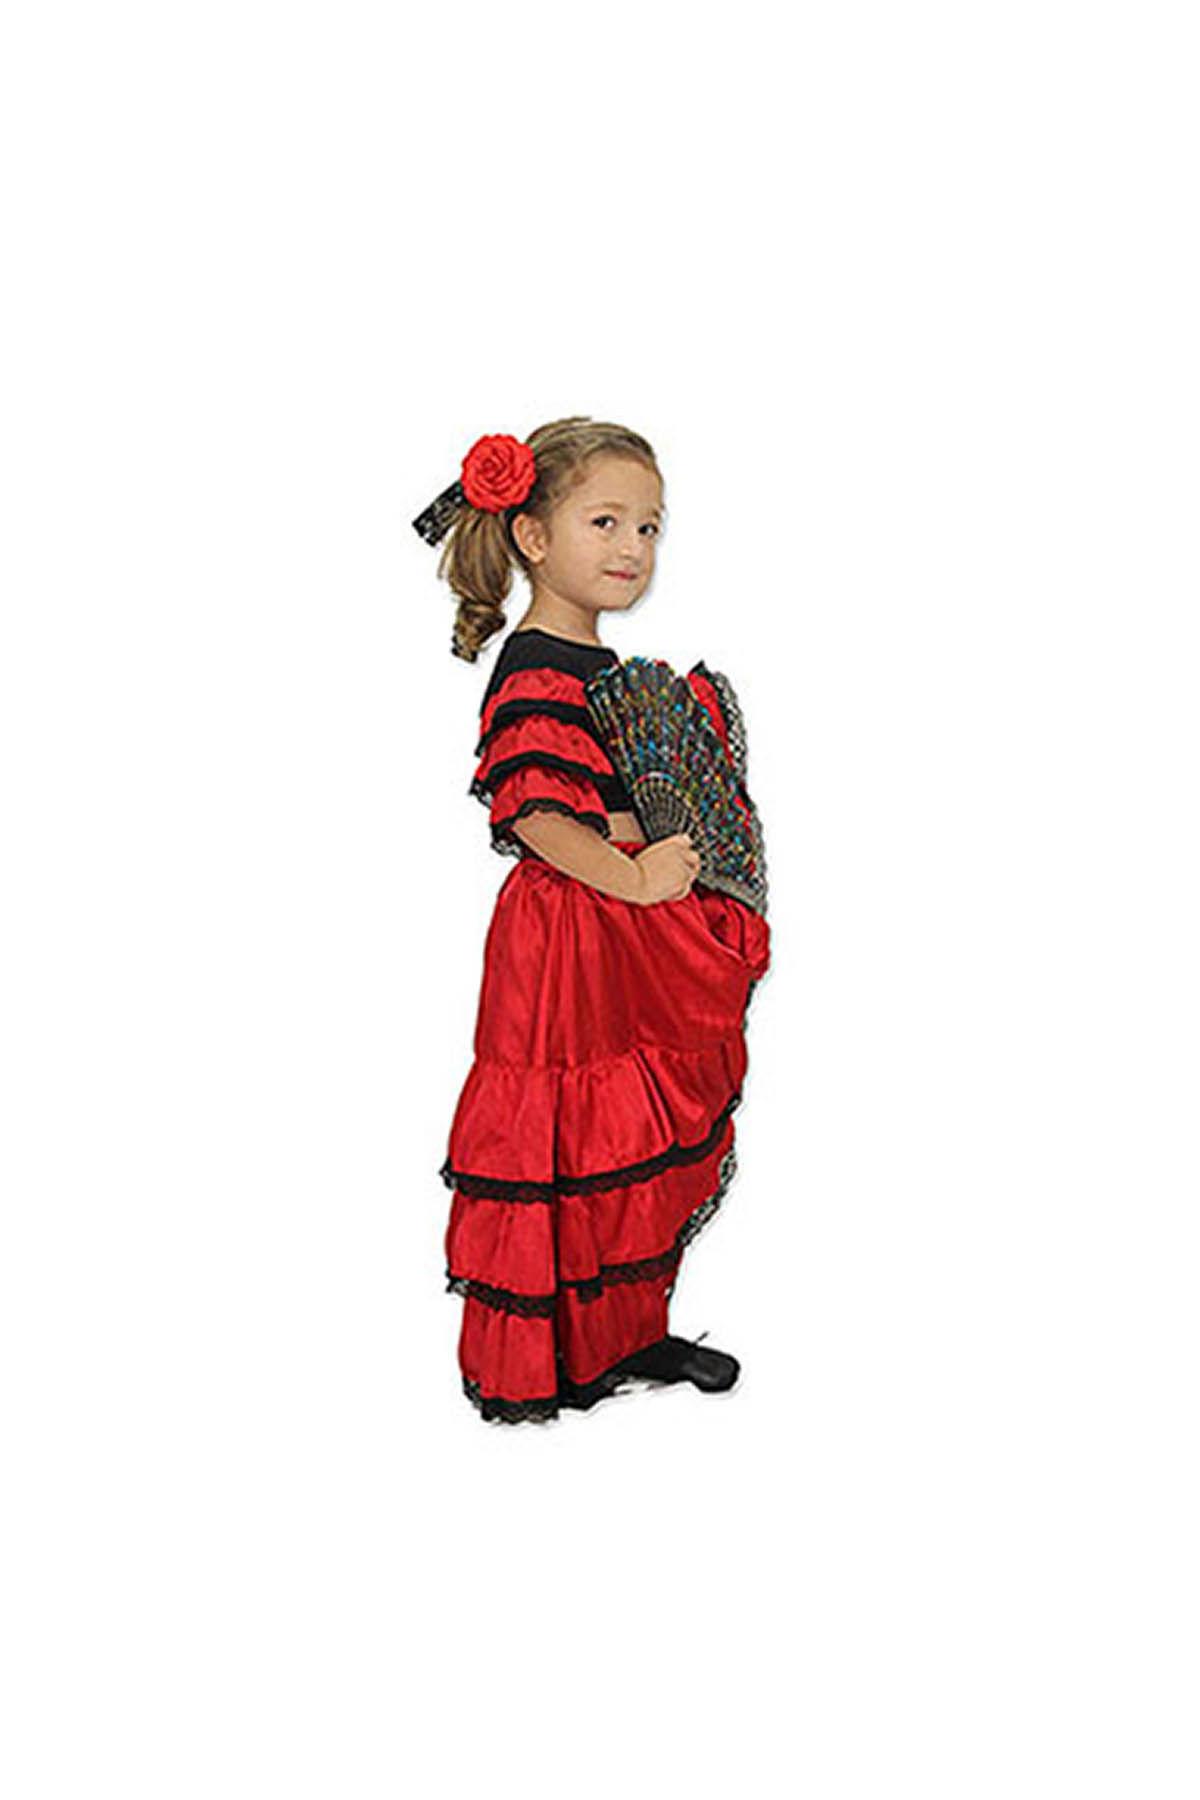 İspanyol Kız Çocuk Kostümü 7-8 Yaş